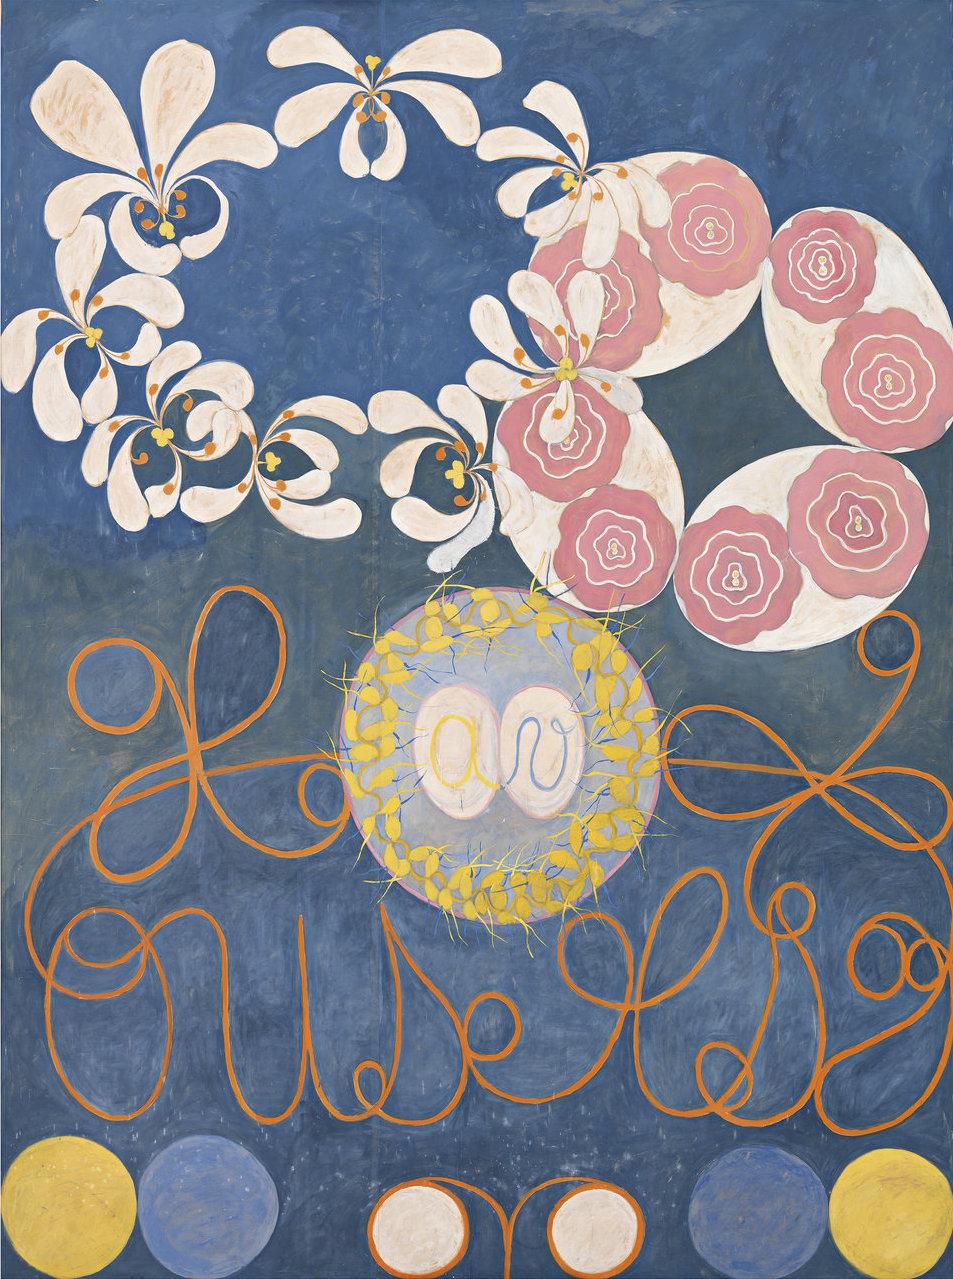 Hilma af Klint,  The Ten Largest, No. 1, Childhood, Group IV , 1907